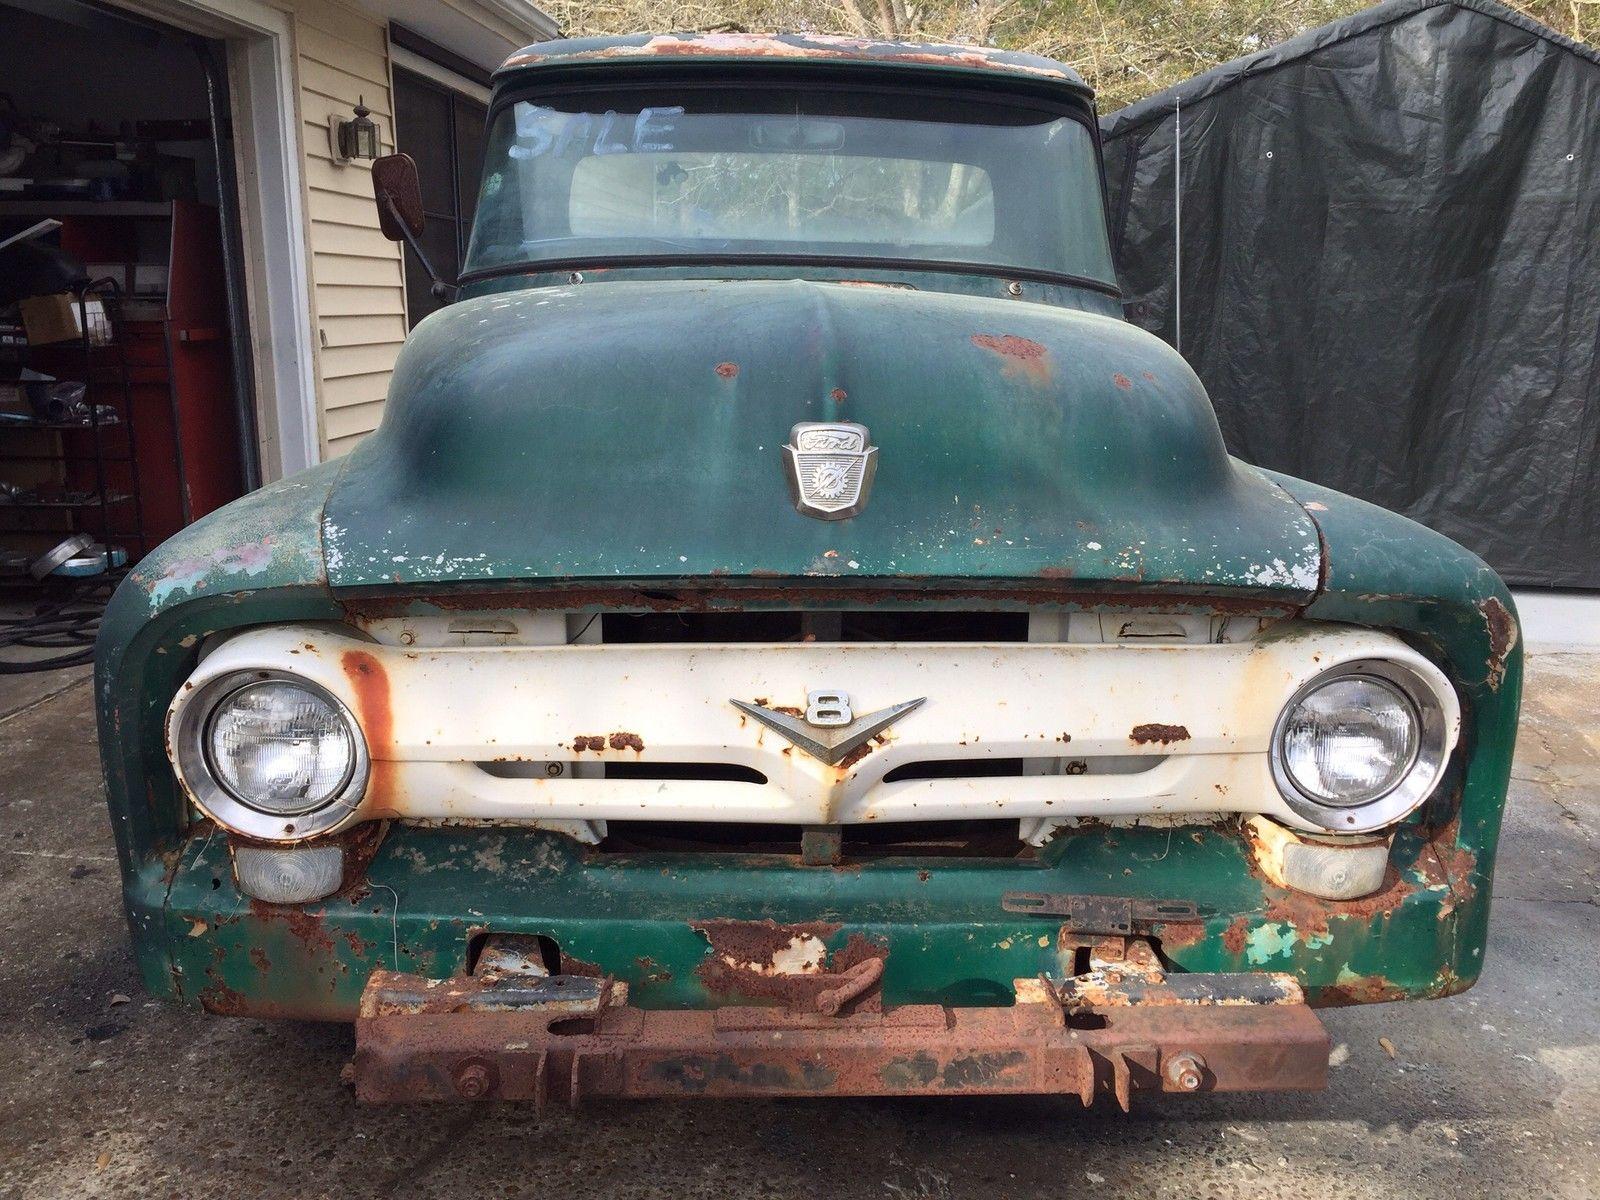 1956 Ford F100 F 100 Project Truck Hot Rod Rat Hotrod Ratrod 1955 Trucks Street